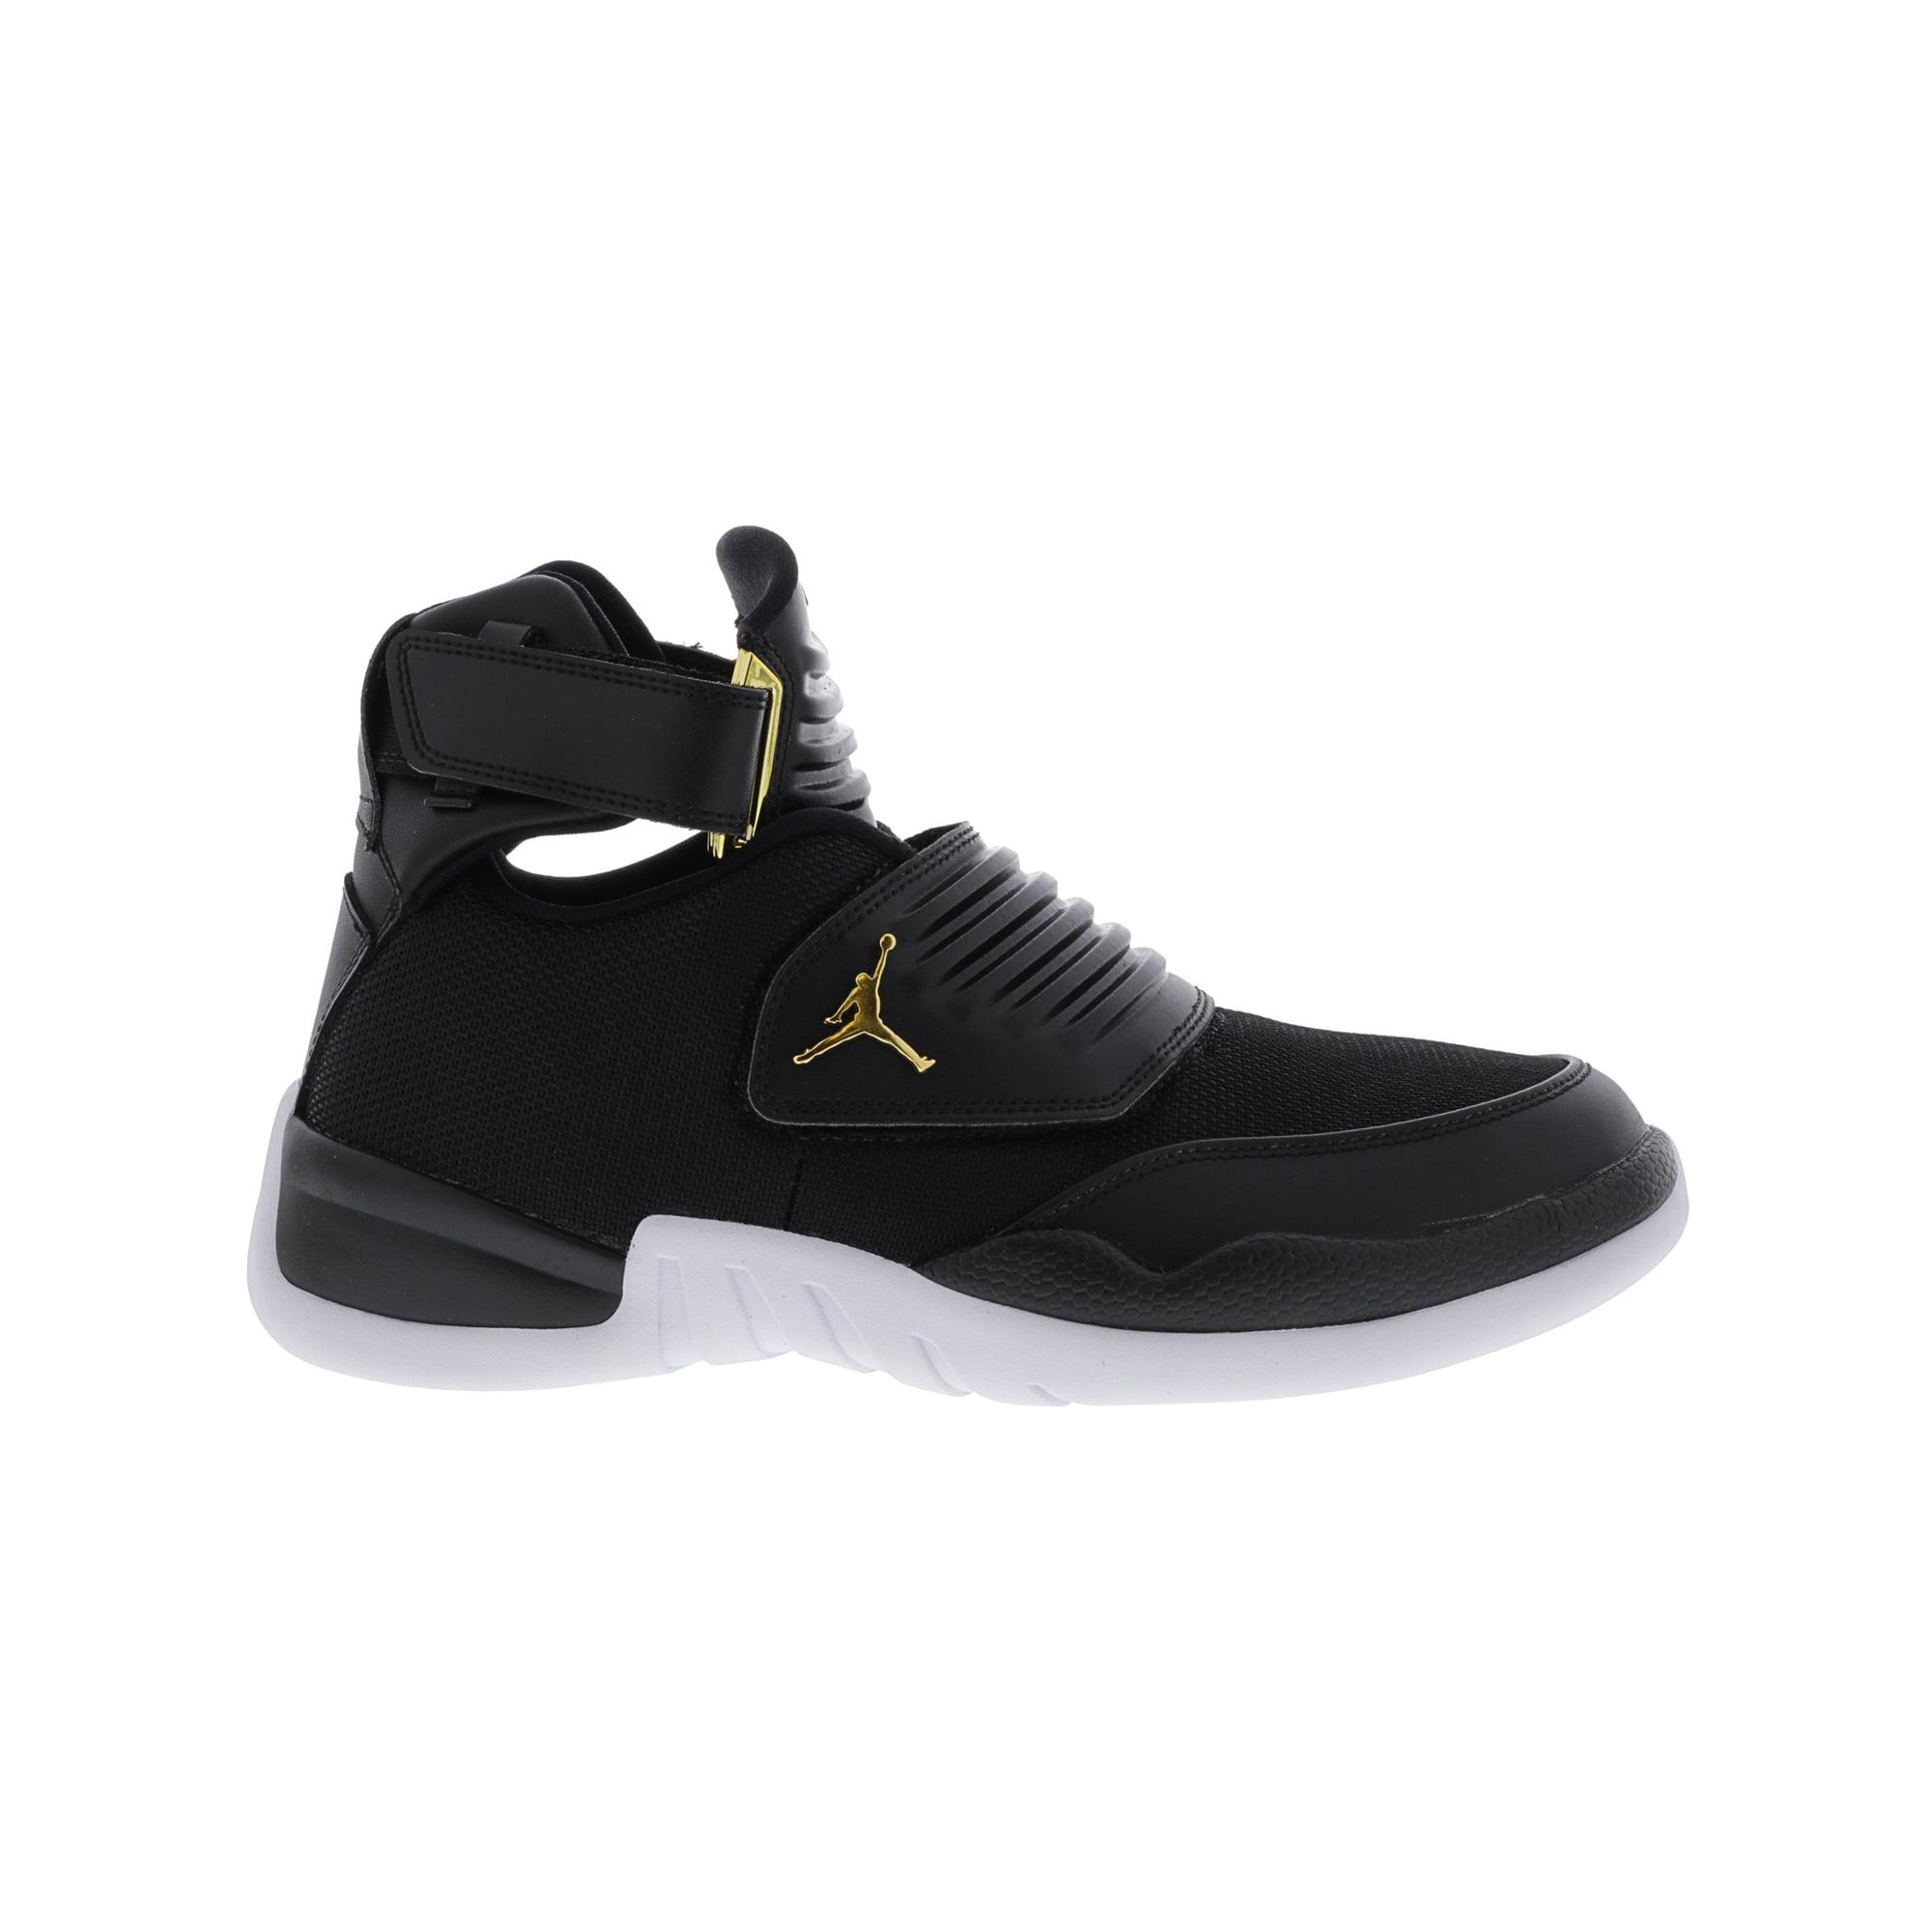 42a1bf6bd4a5b8 Nike Men s Jordan Generation 23 Black   - White Ankle-High Basketball Shoe  9.5M